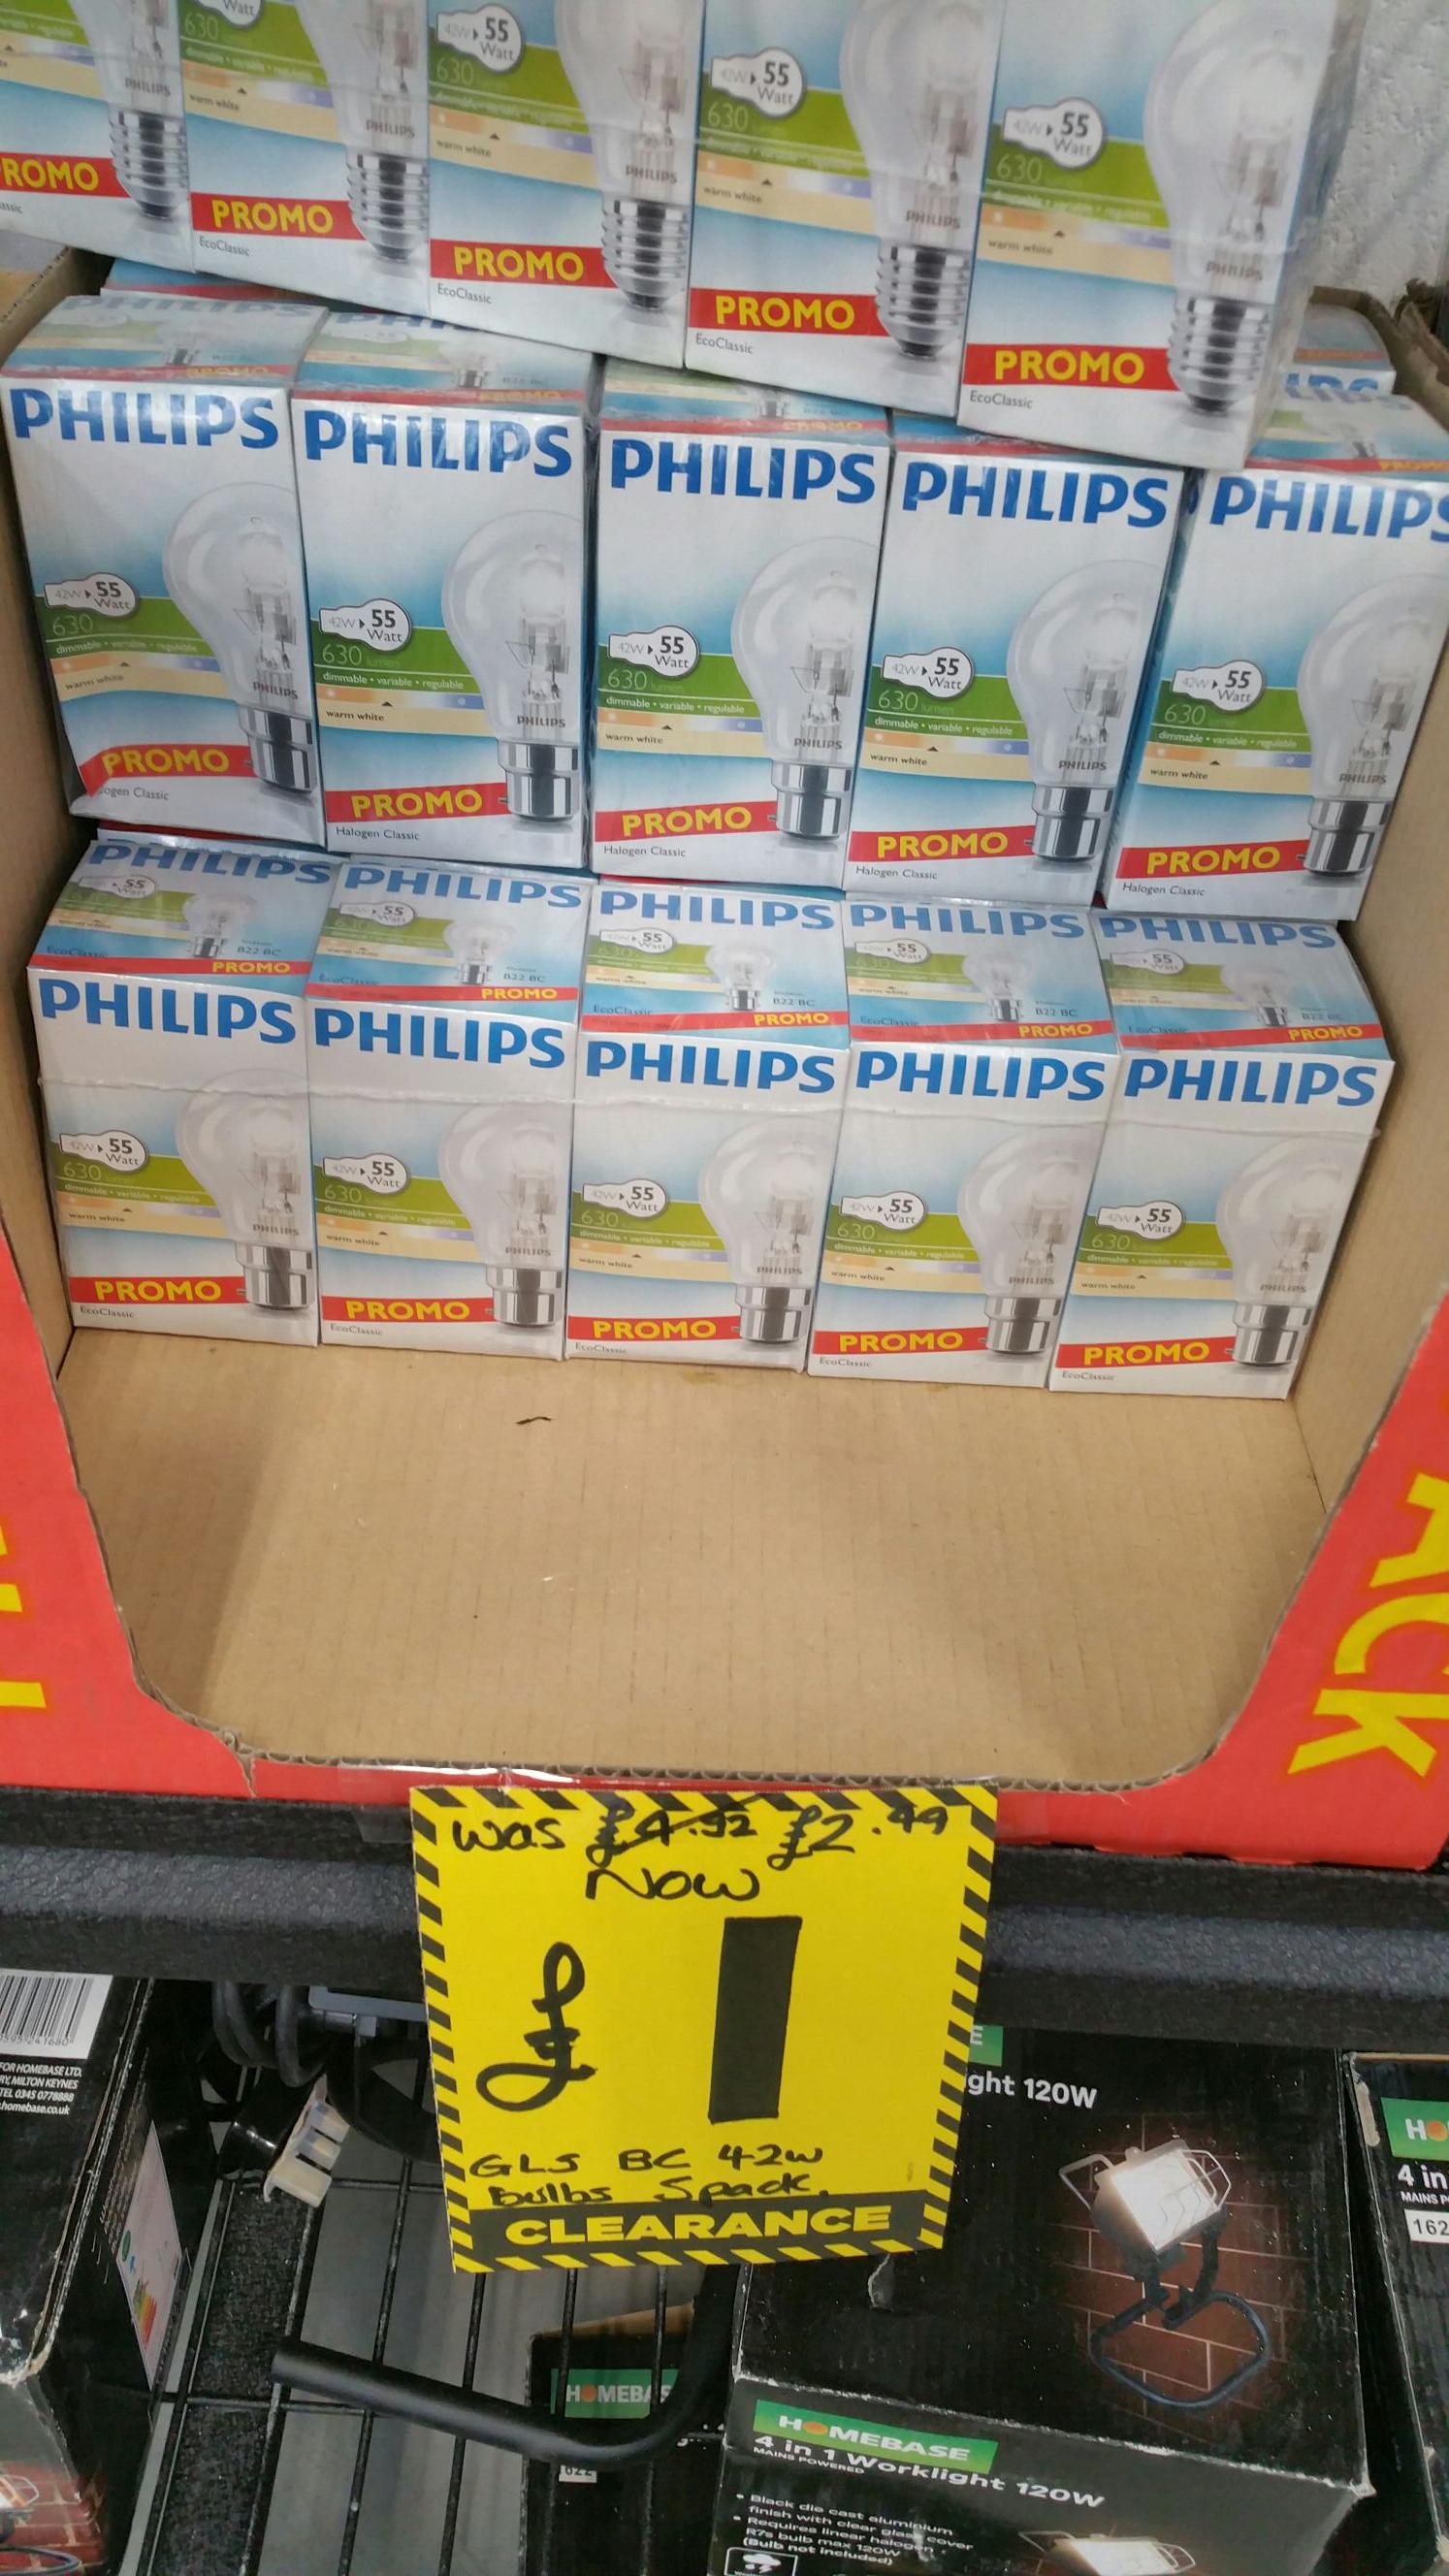 Philips light bulbs 5 pack £1 @ homebase instore - Sandbach